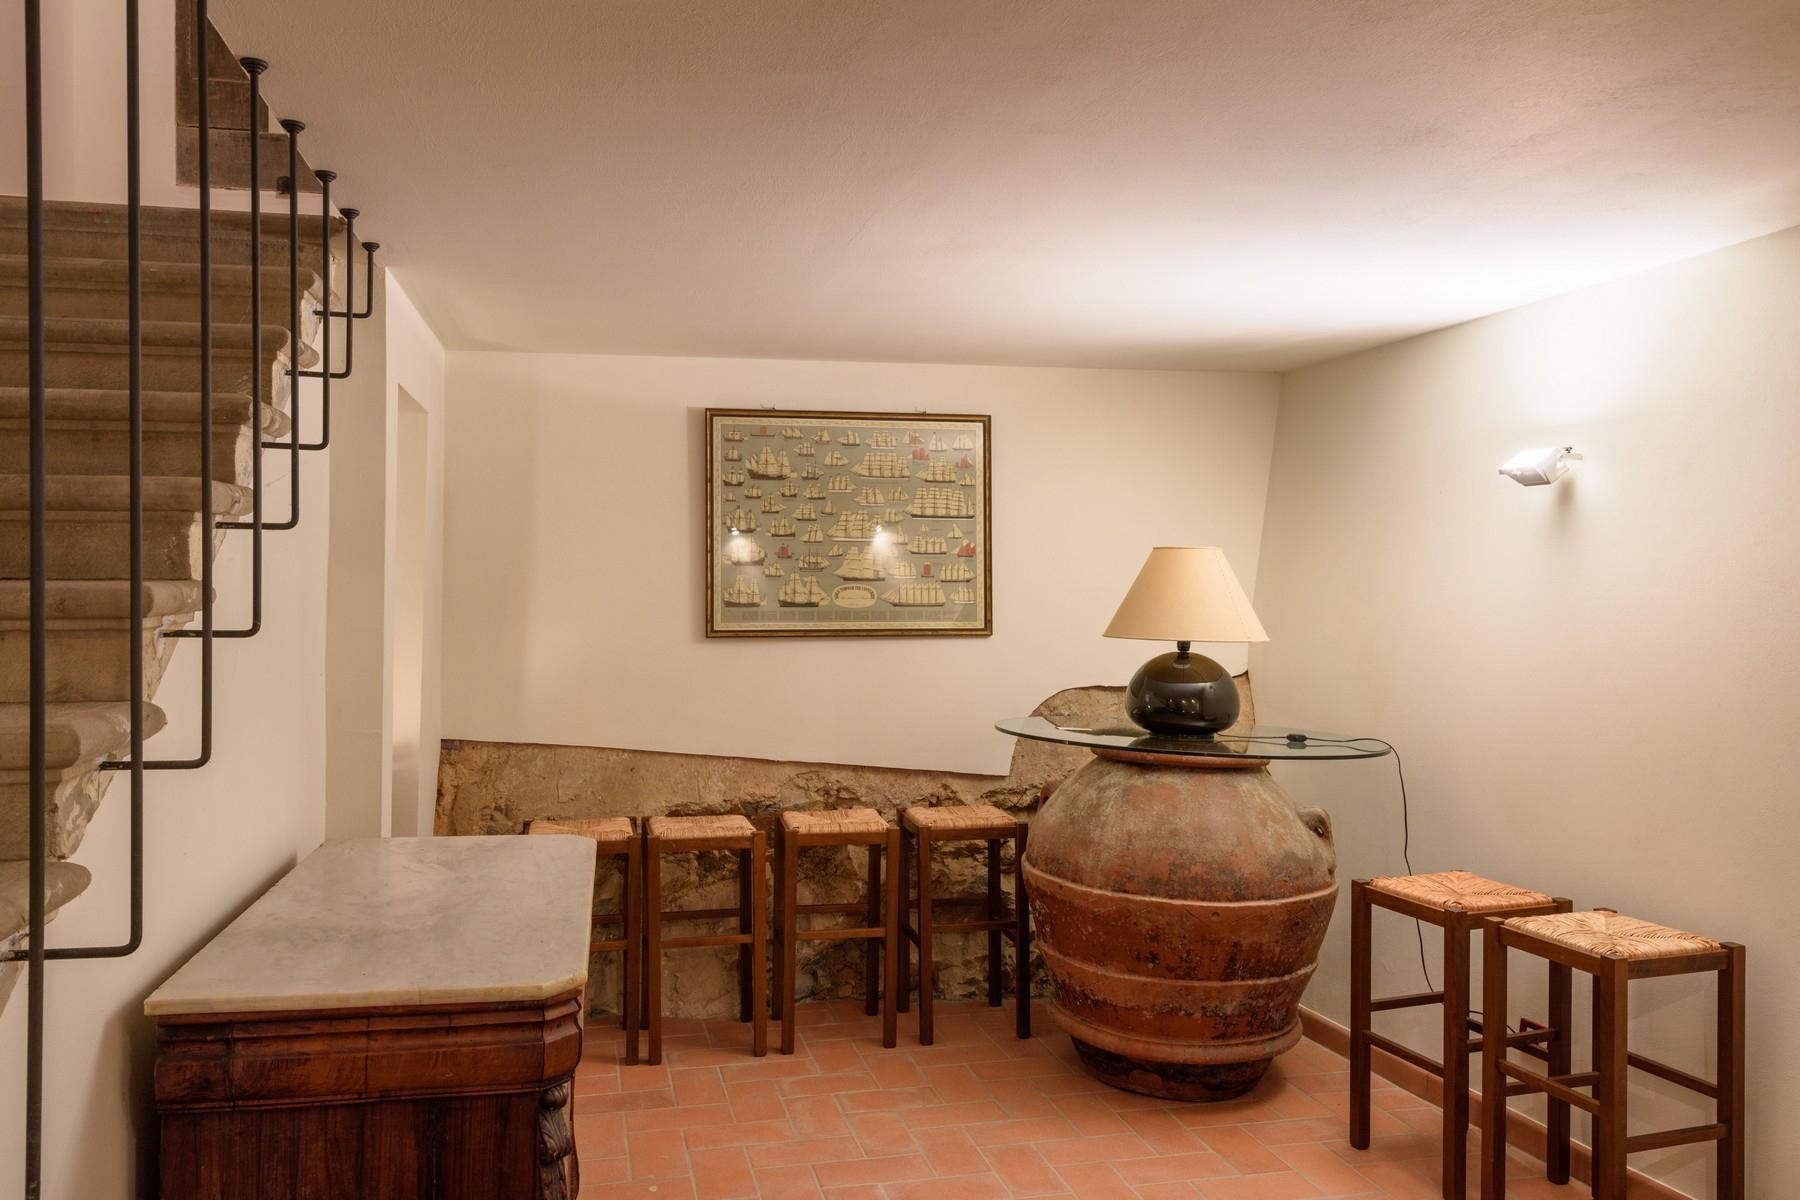 Val di Chiana中心地带10世纪的建筑 - 17